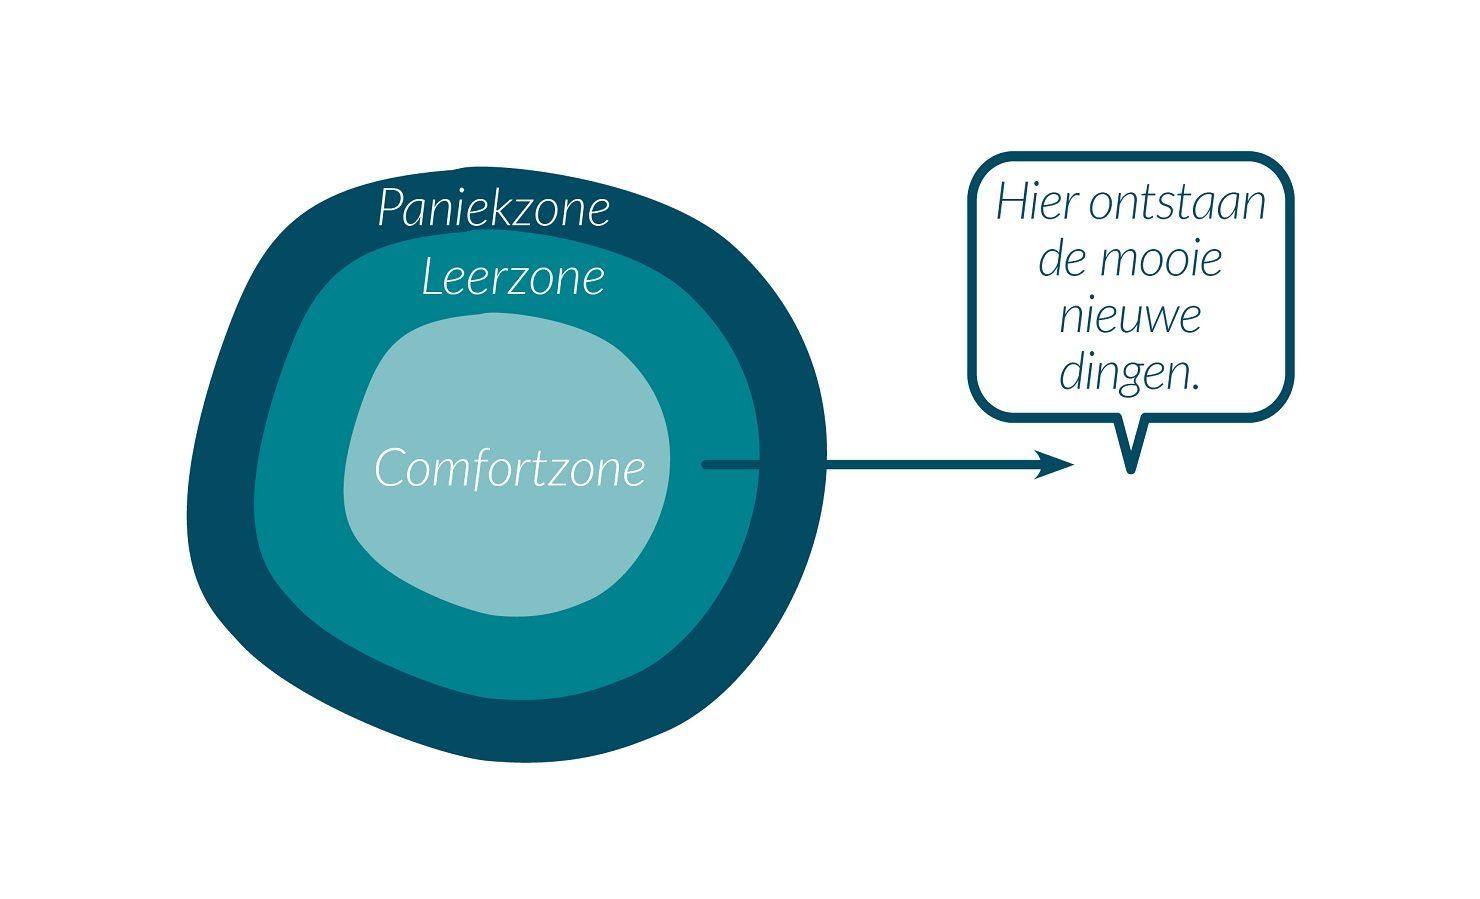 Verpleegkundig zeggenschap - Uit de comfortzone